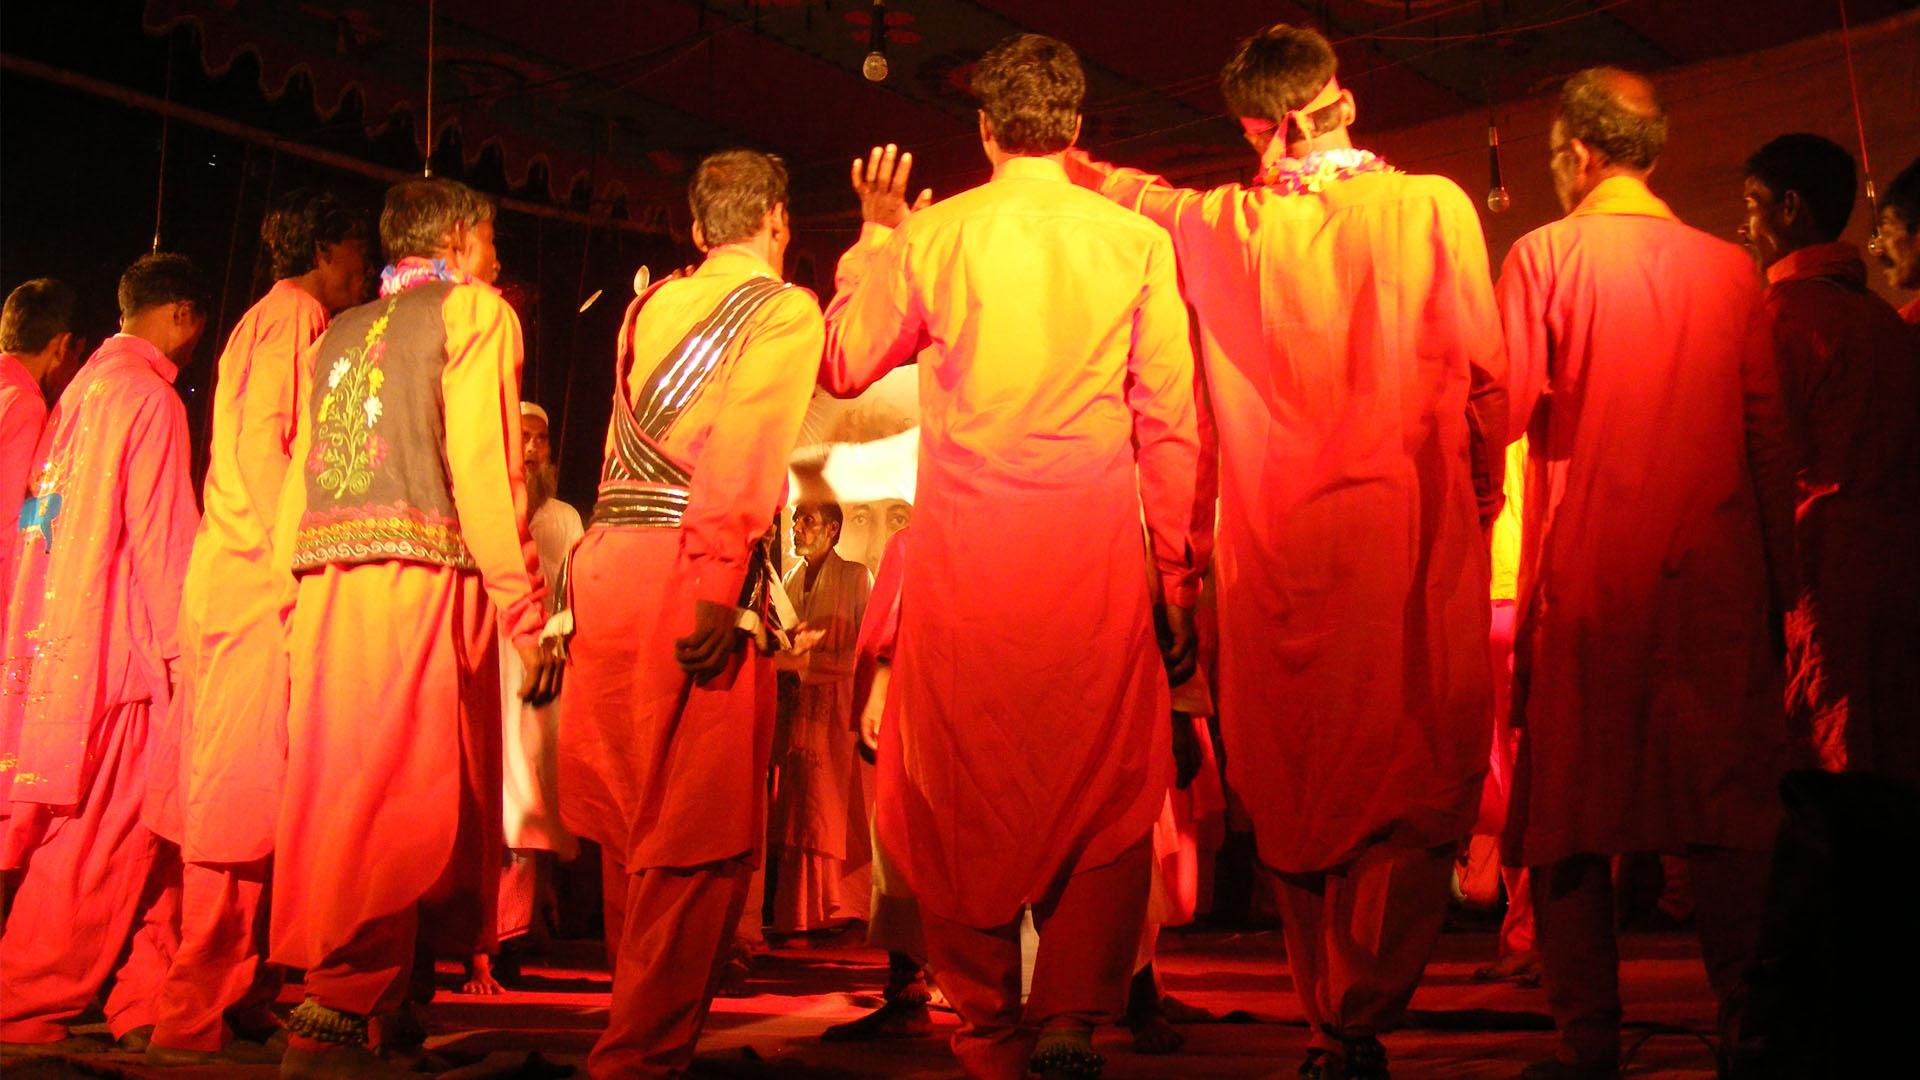 মহরমের জারি ২০০৮